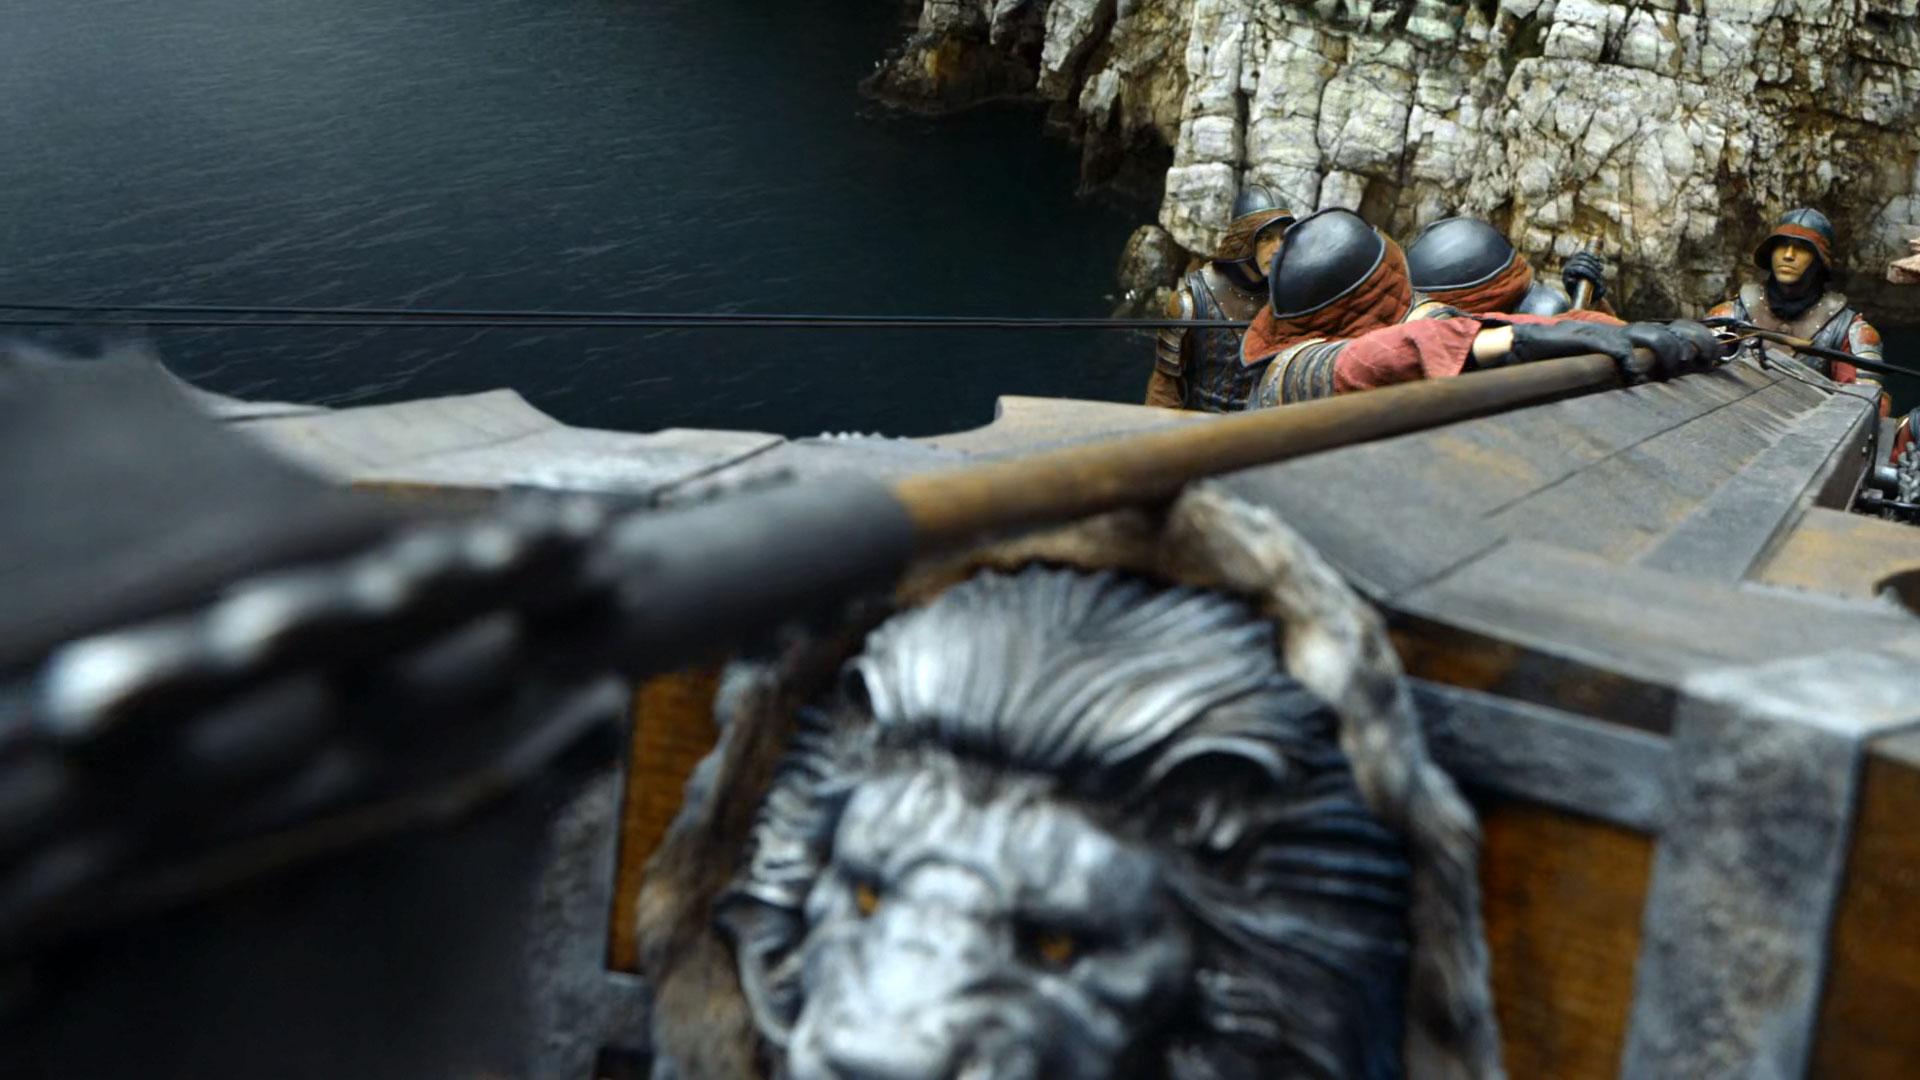 تصاویر قسمت ۵ فصل ۸ گیم آف ترونز (Game Of Thrones) را ببینید